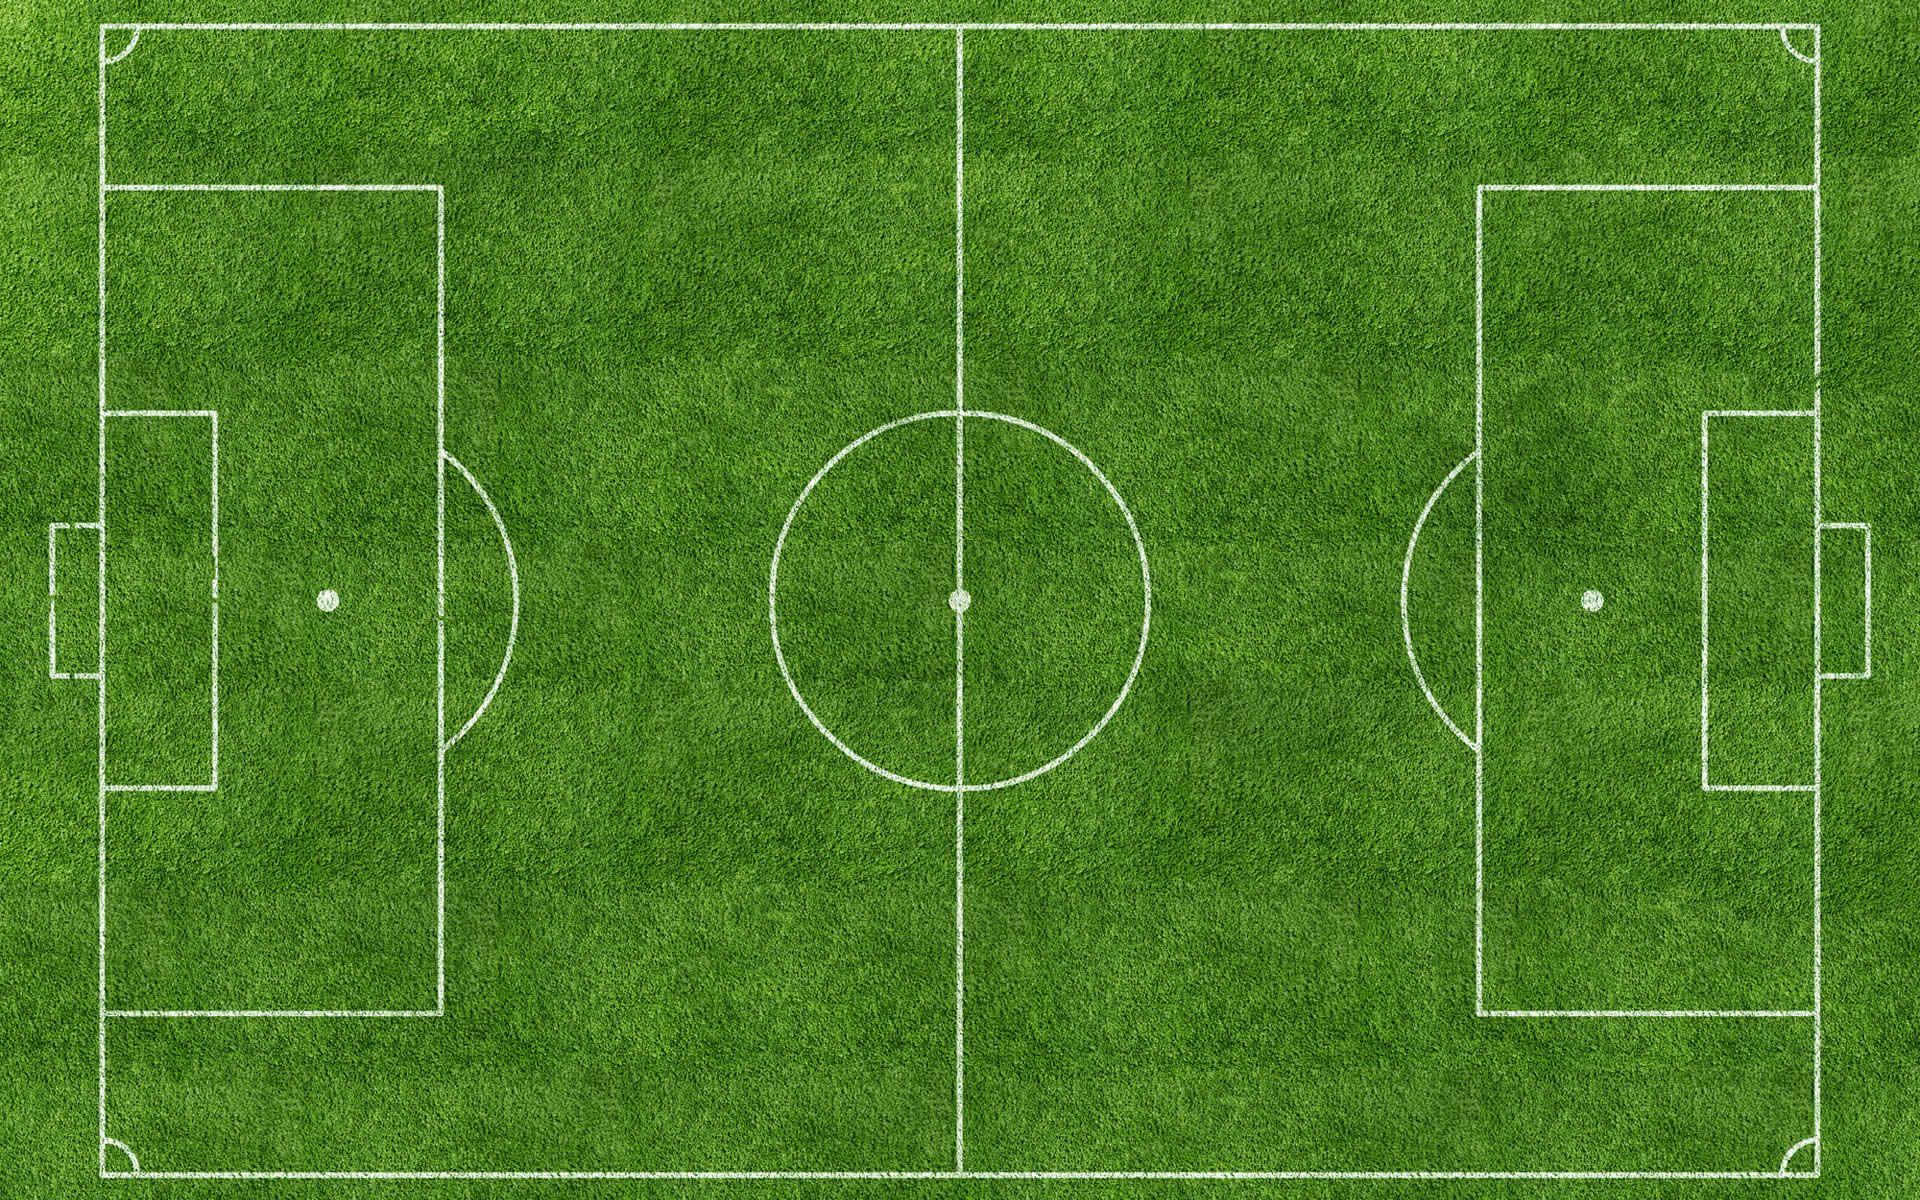 Resultado de imagen de campo de futbol